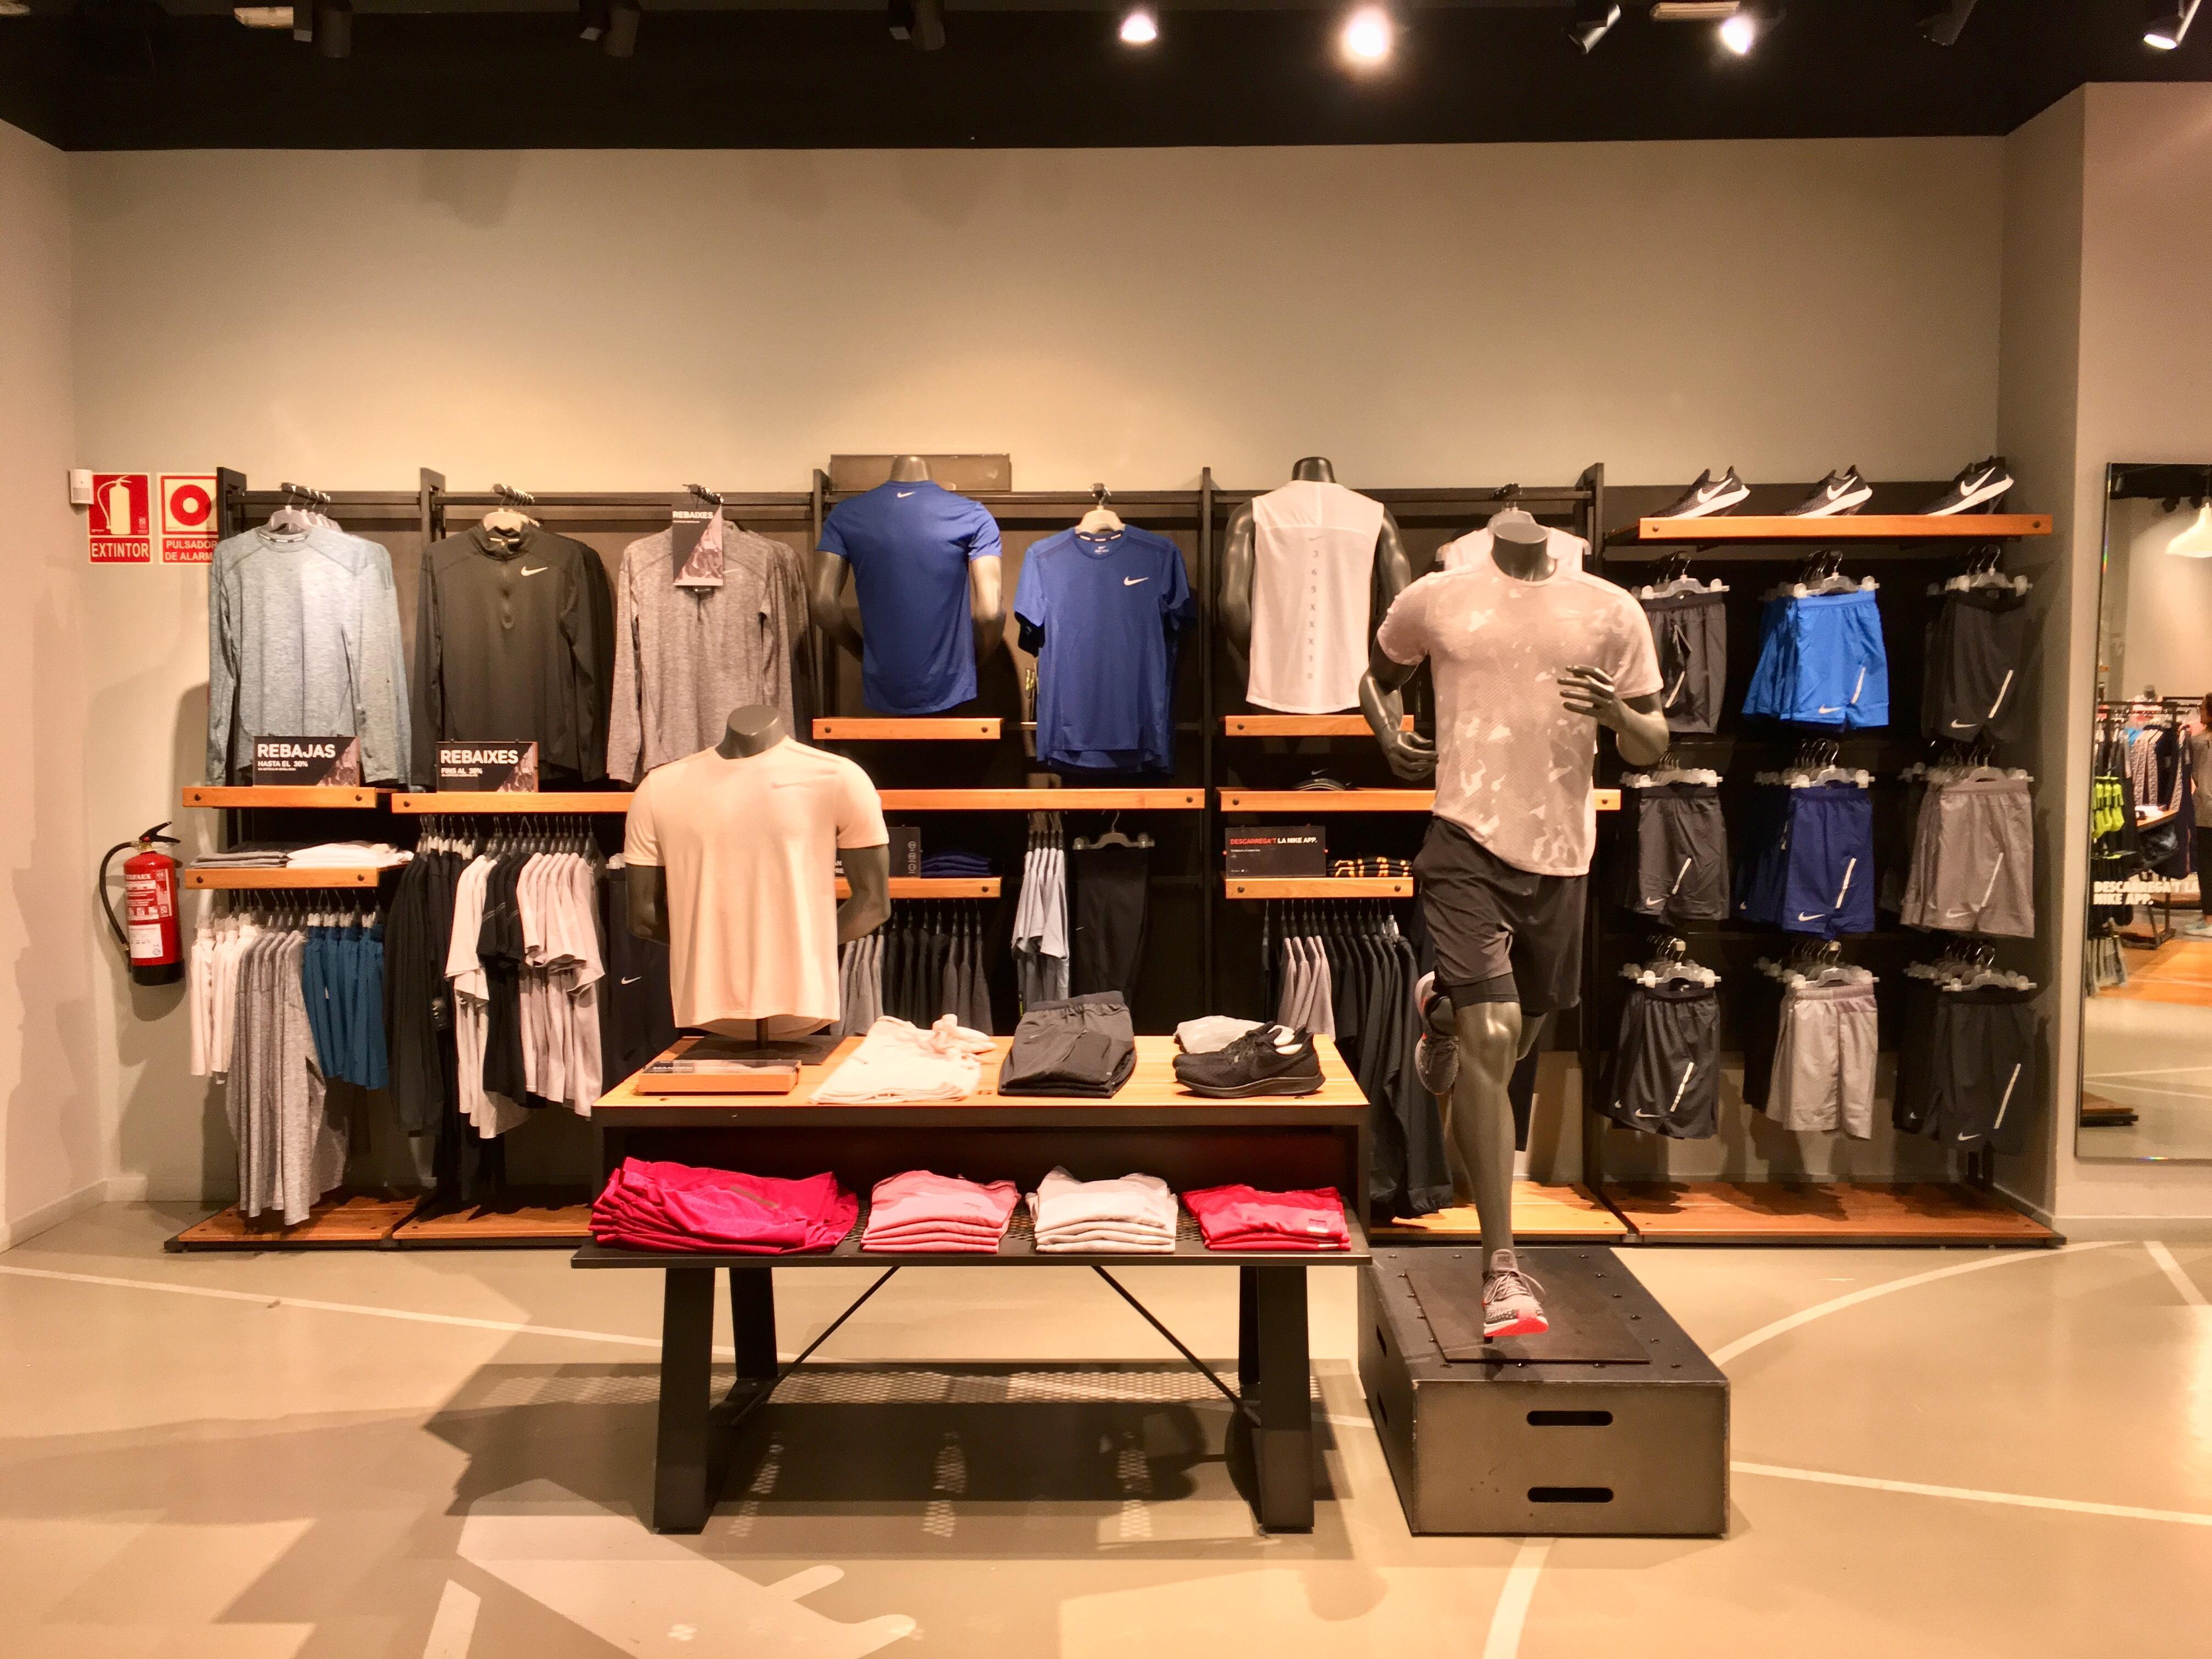 Anémona de mar Chapoteo Grillo  Die besten Adressen für Bekleidungsgeschäft - Herrenbekleidung in Barcelona.  Ihre Suche ergab 471 Treffer. Infobel Spanien